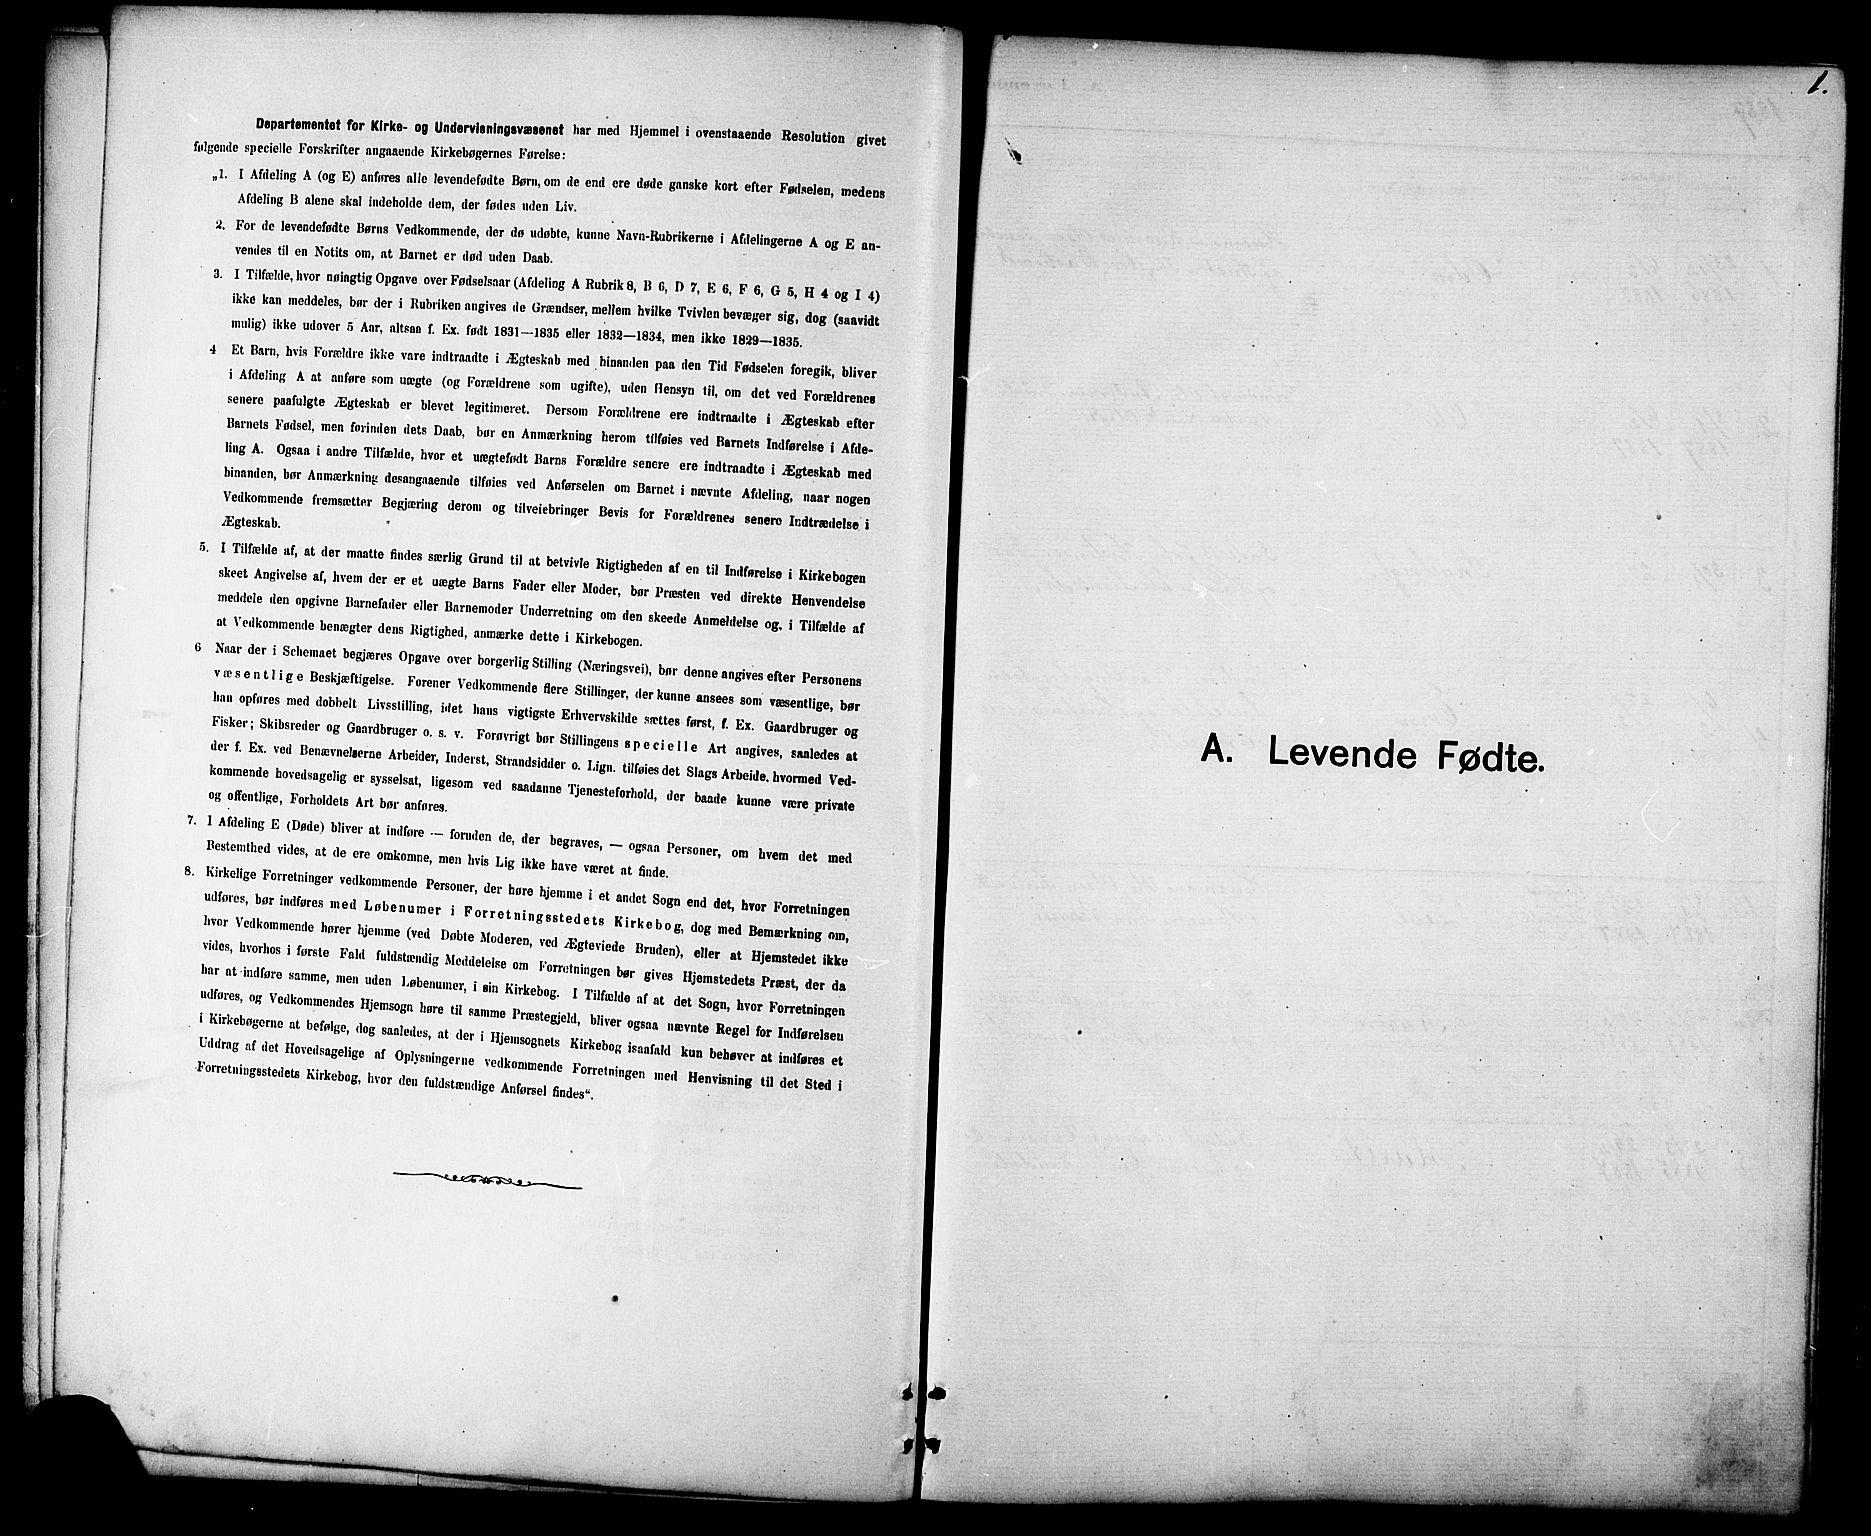 SAT, Ministerialprotokoller, klokkerbøker og fødselsregistre - Sør-Trøndelag, 694/L1132: Klokkerbok nr. 694C04, 1887-1914, s. 1